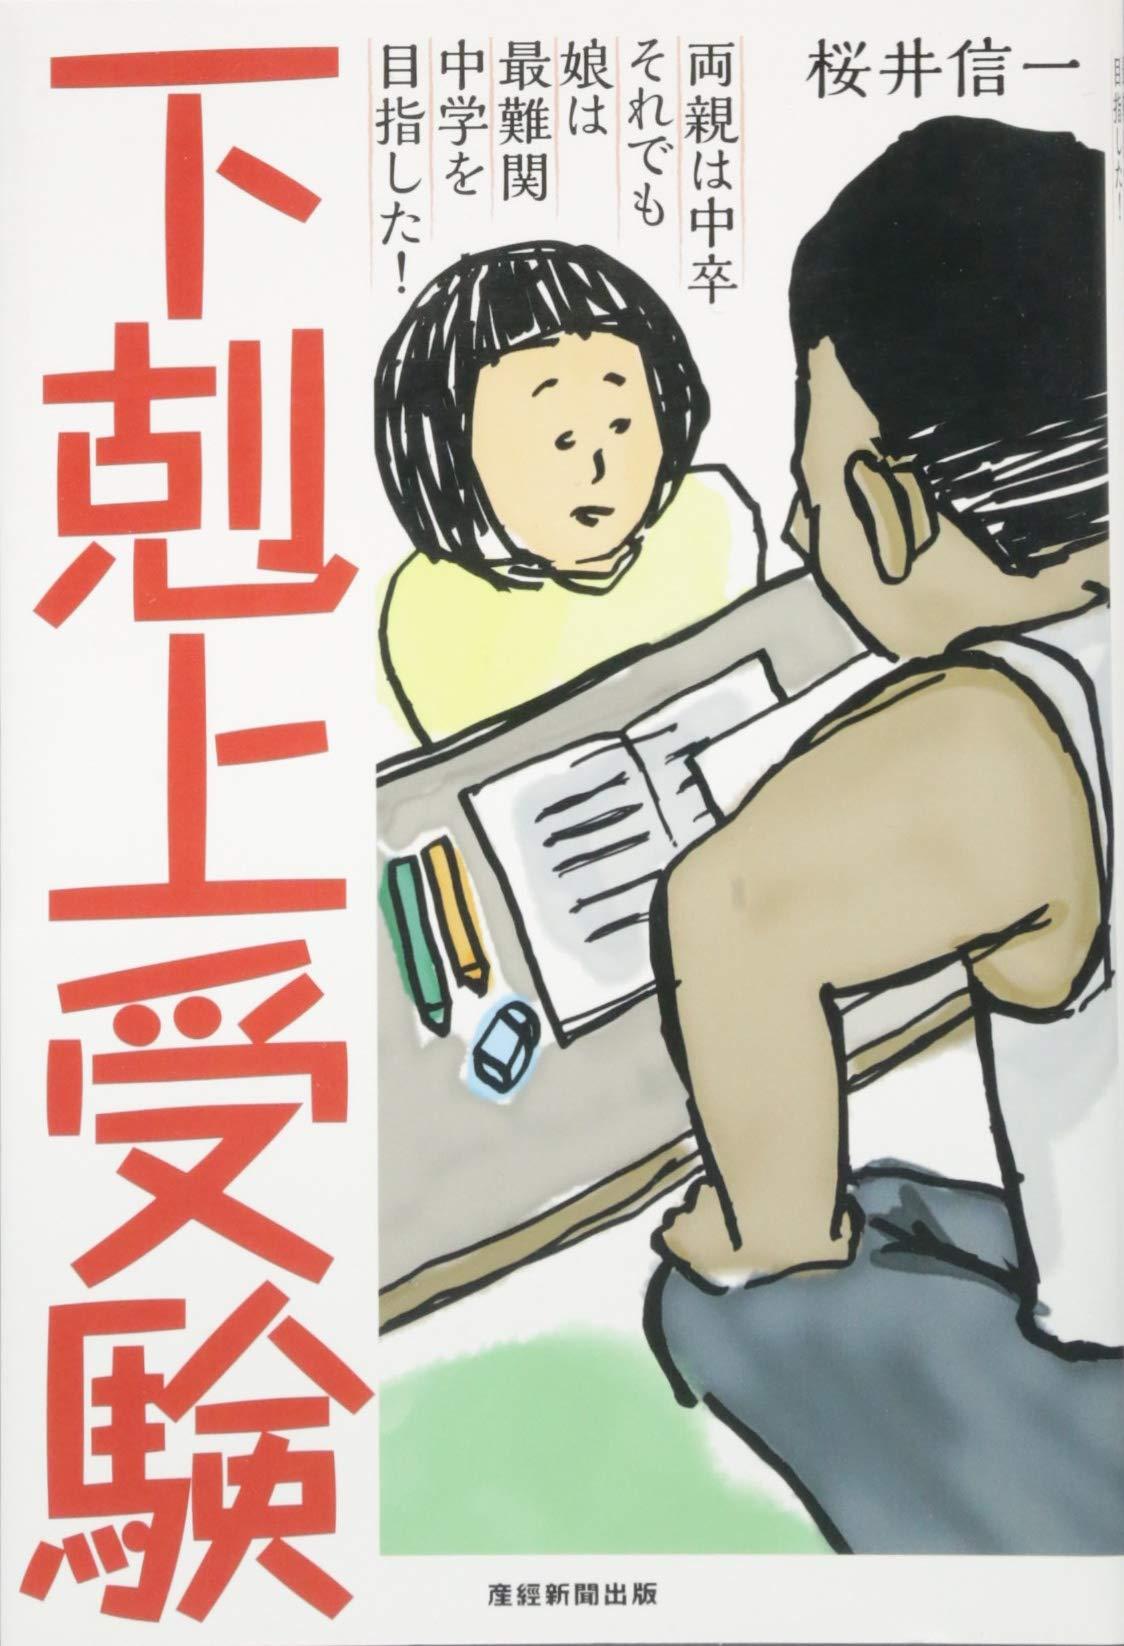 受験 下克上 下克上受験|受験国語20年|note